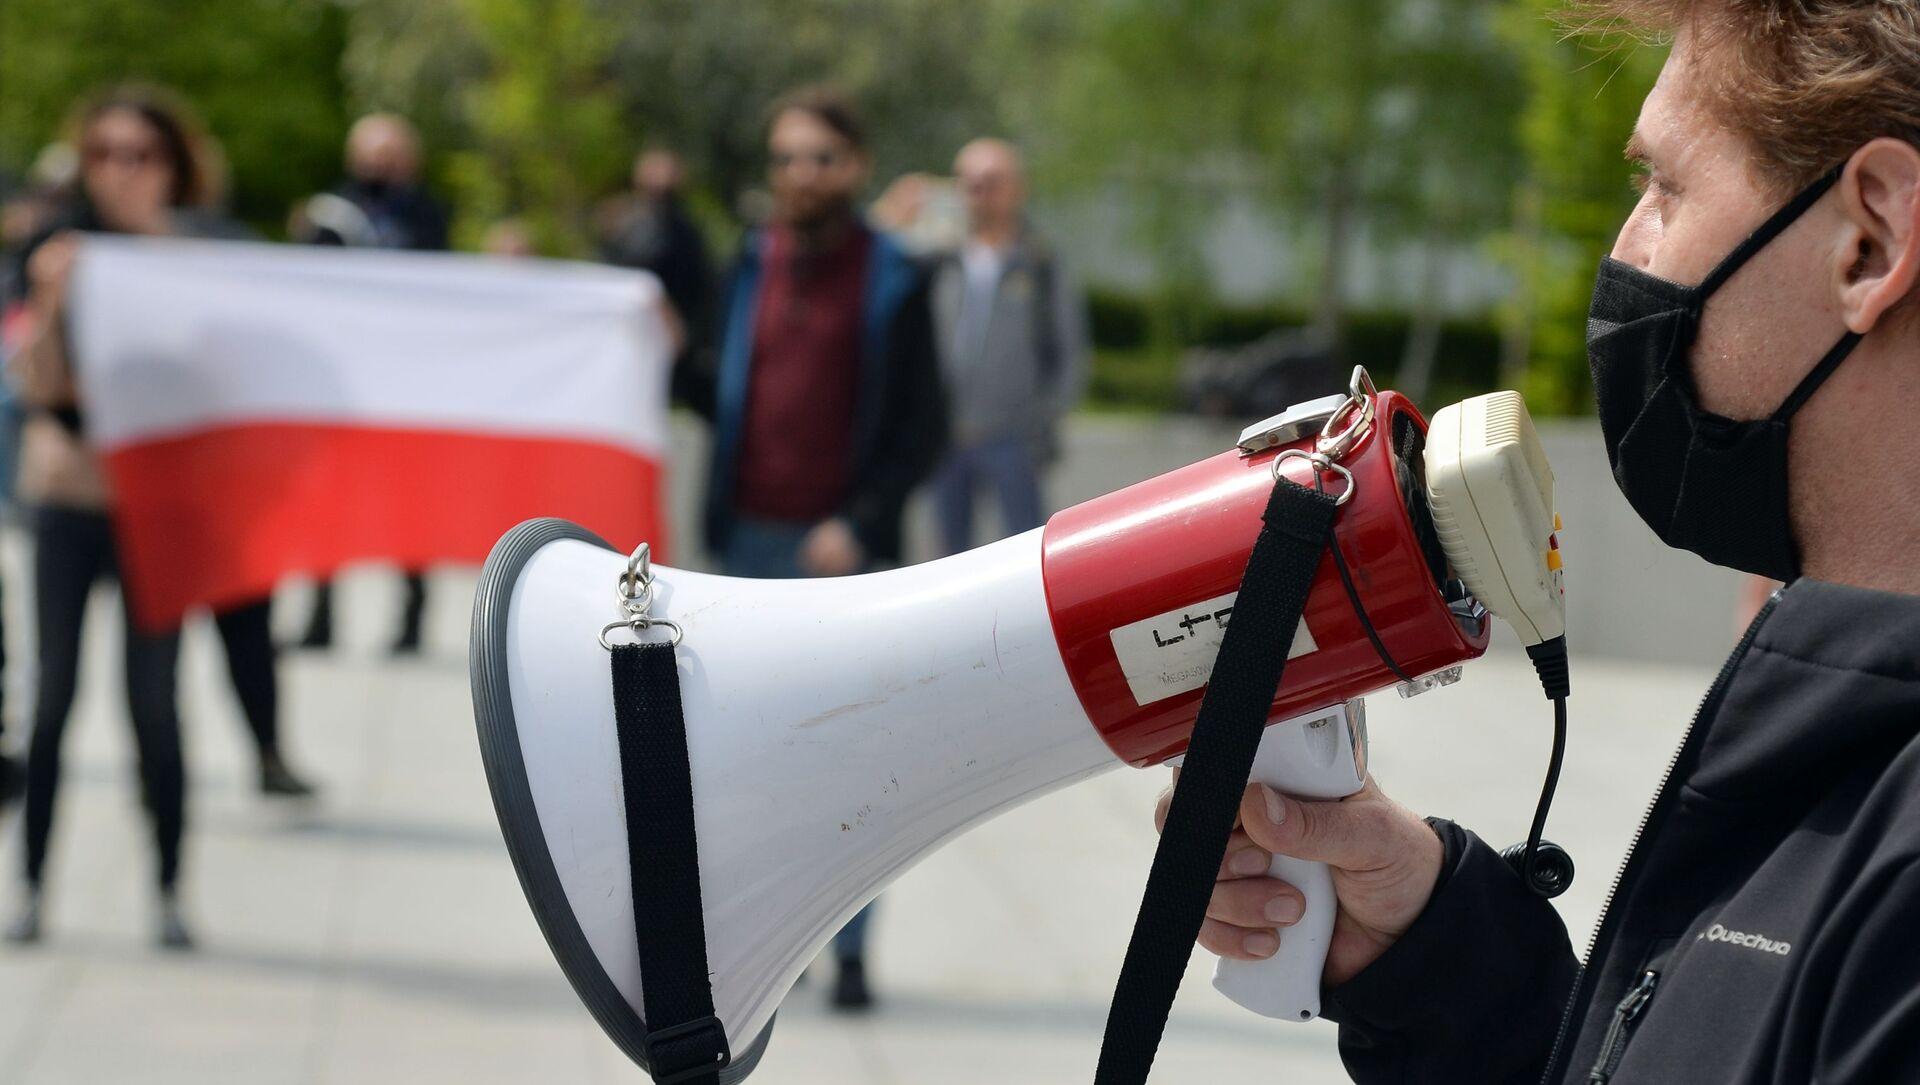 Первомайские демонстрации в Варшаве и Бейруте - Sputnik Абхазия, 1920, 18.08.2021